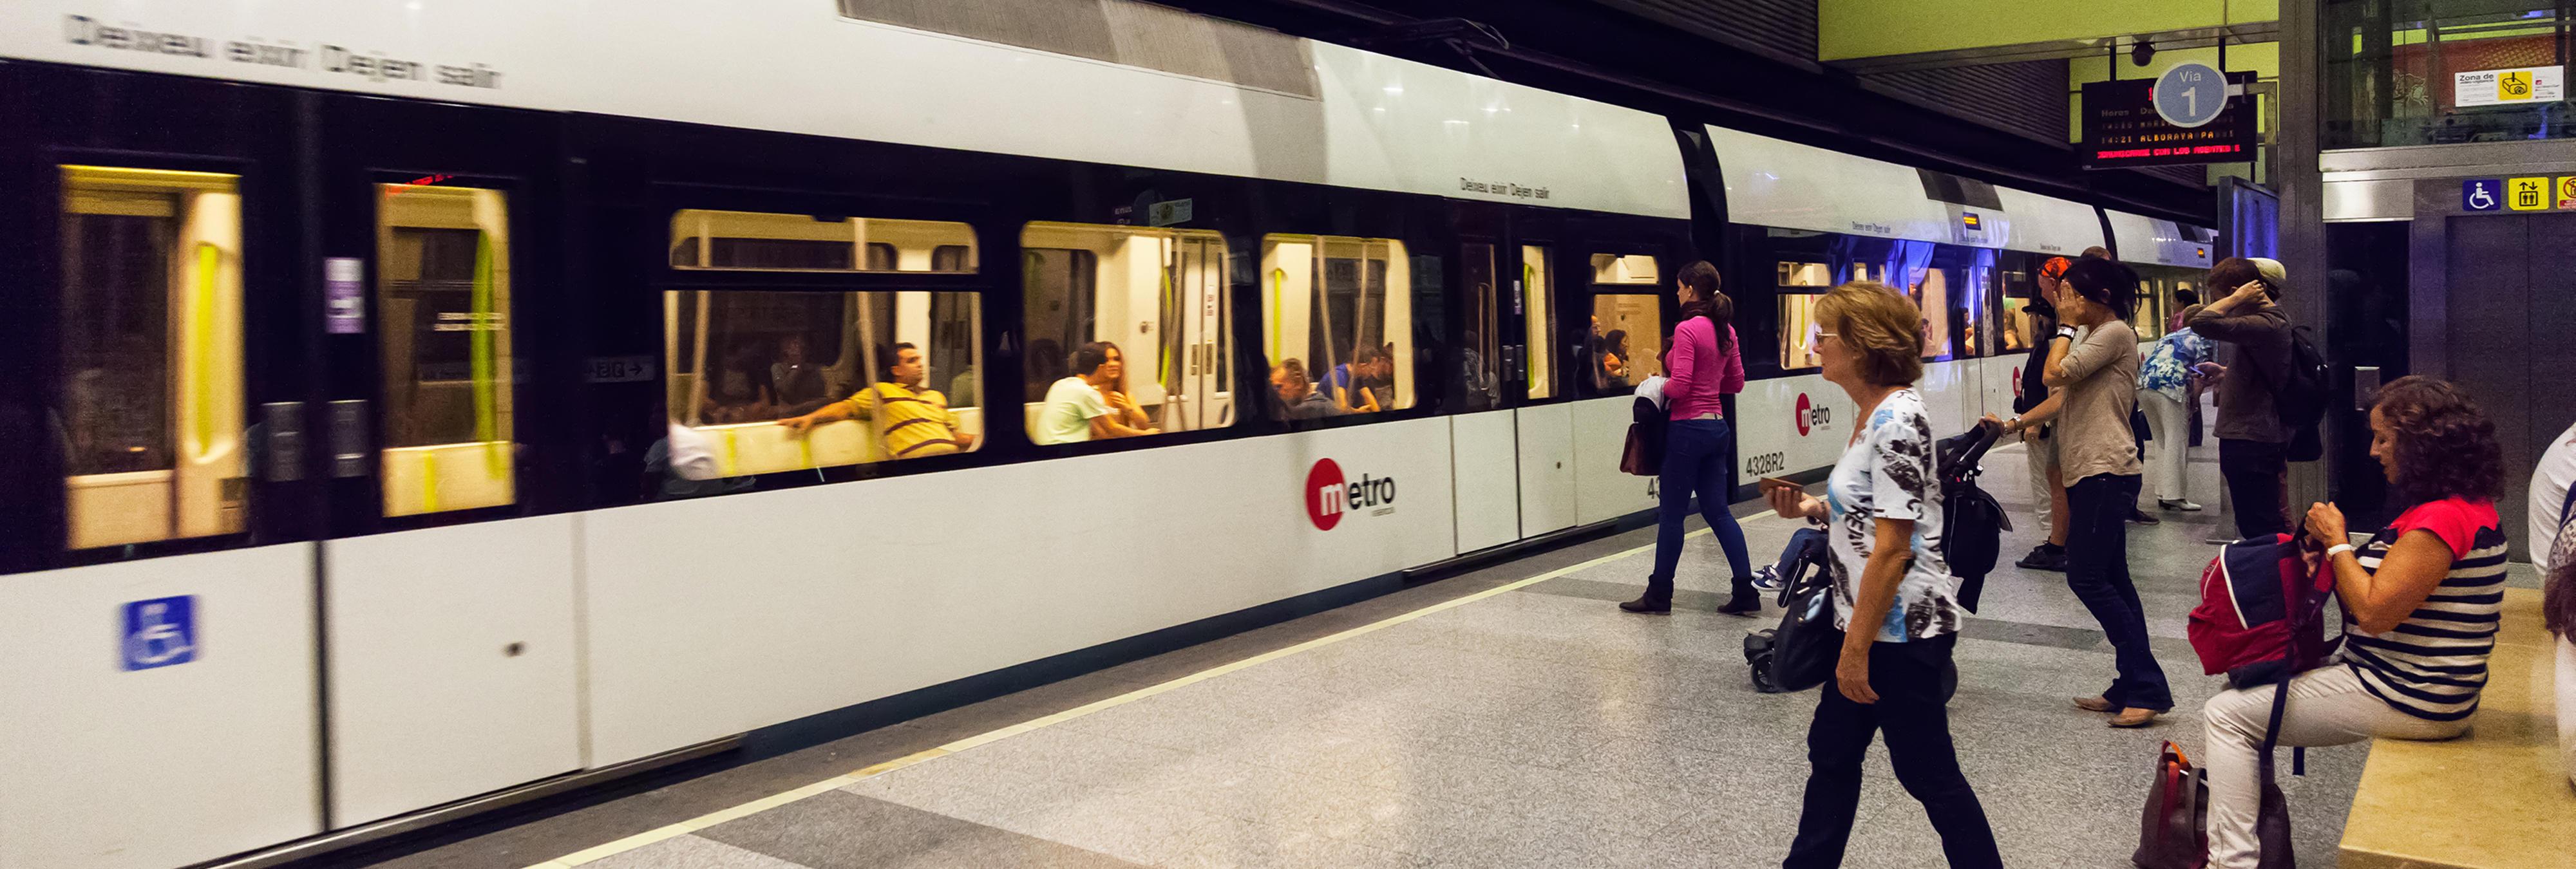 Valencia dejará abierta una estación de metro para personas sin techo ante la ola de frío